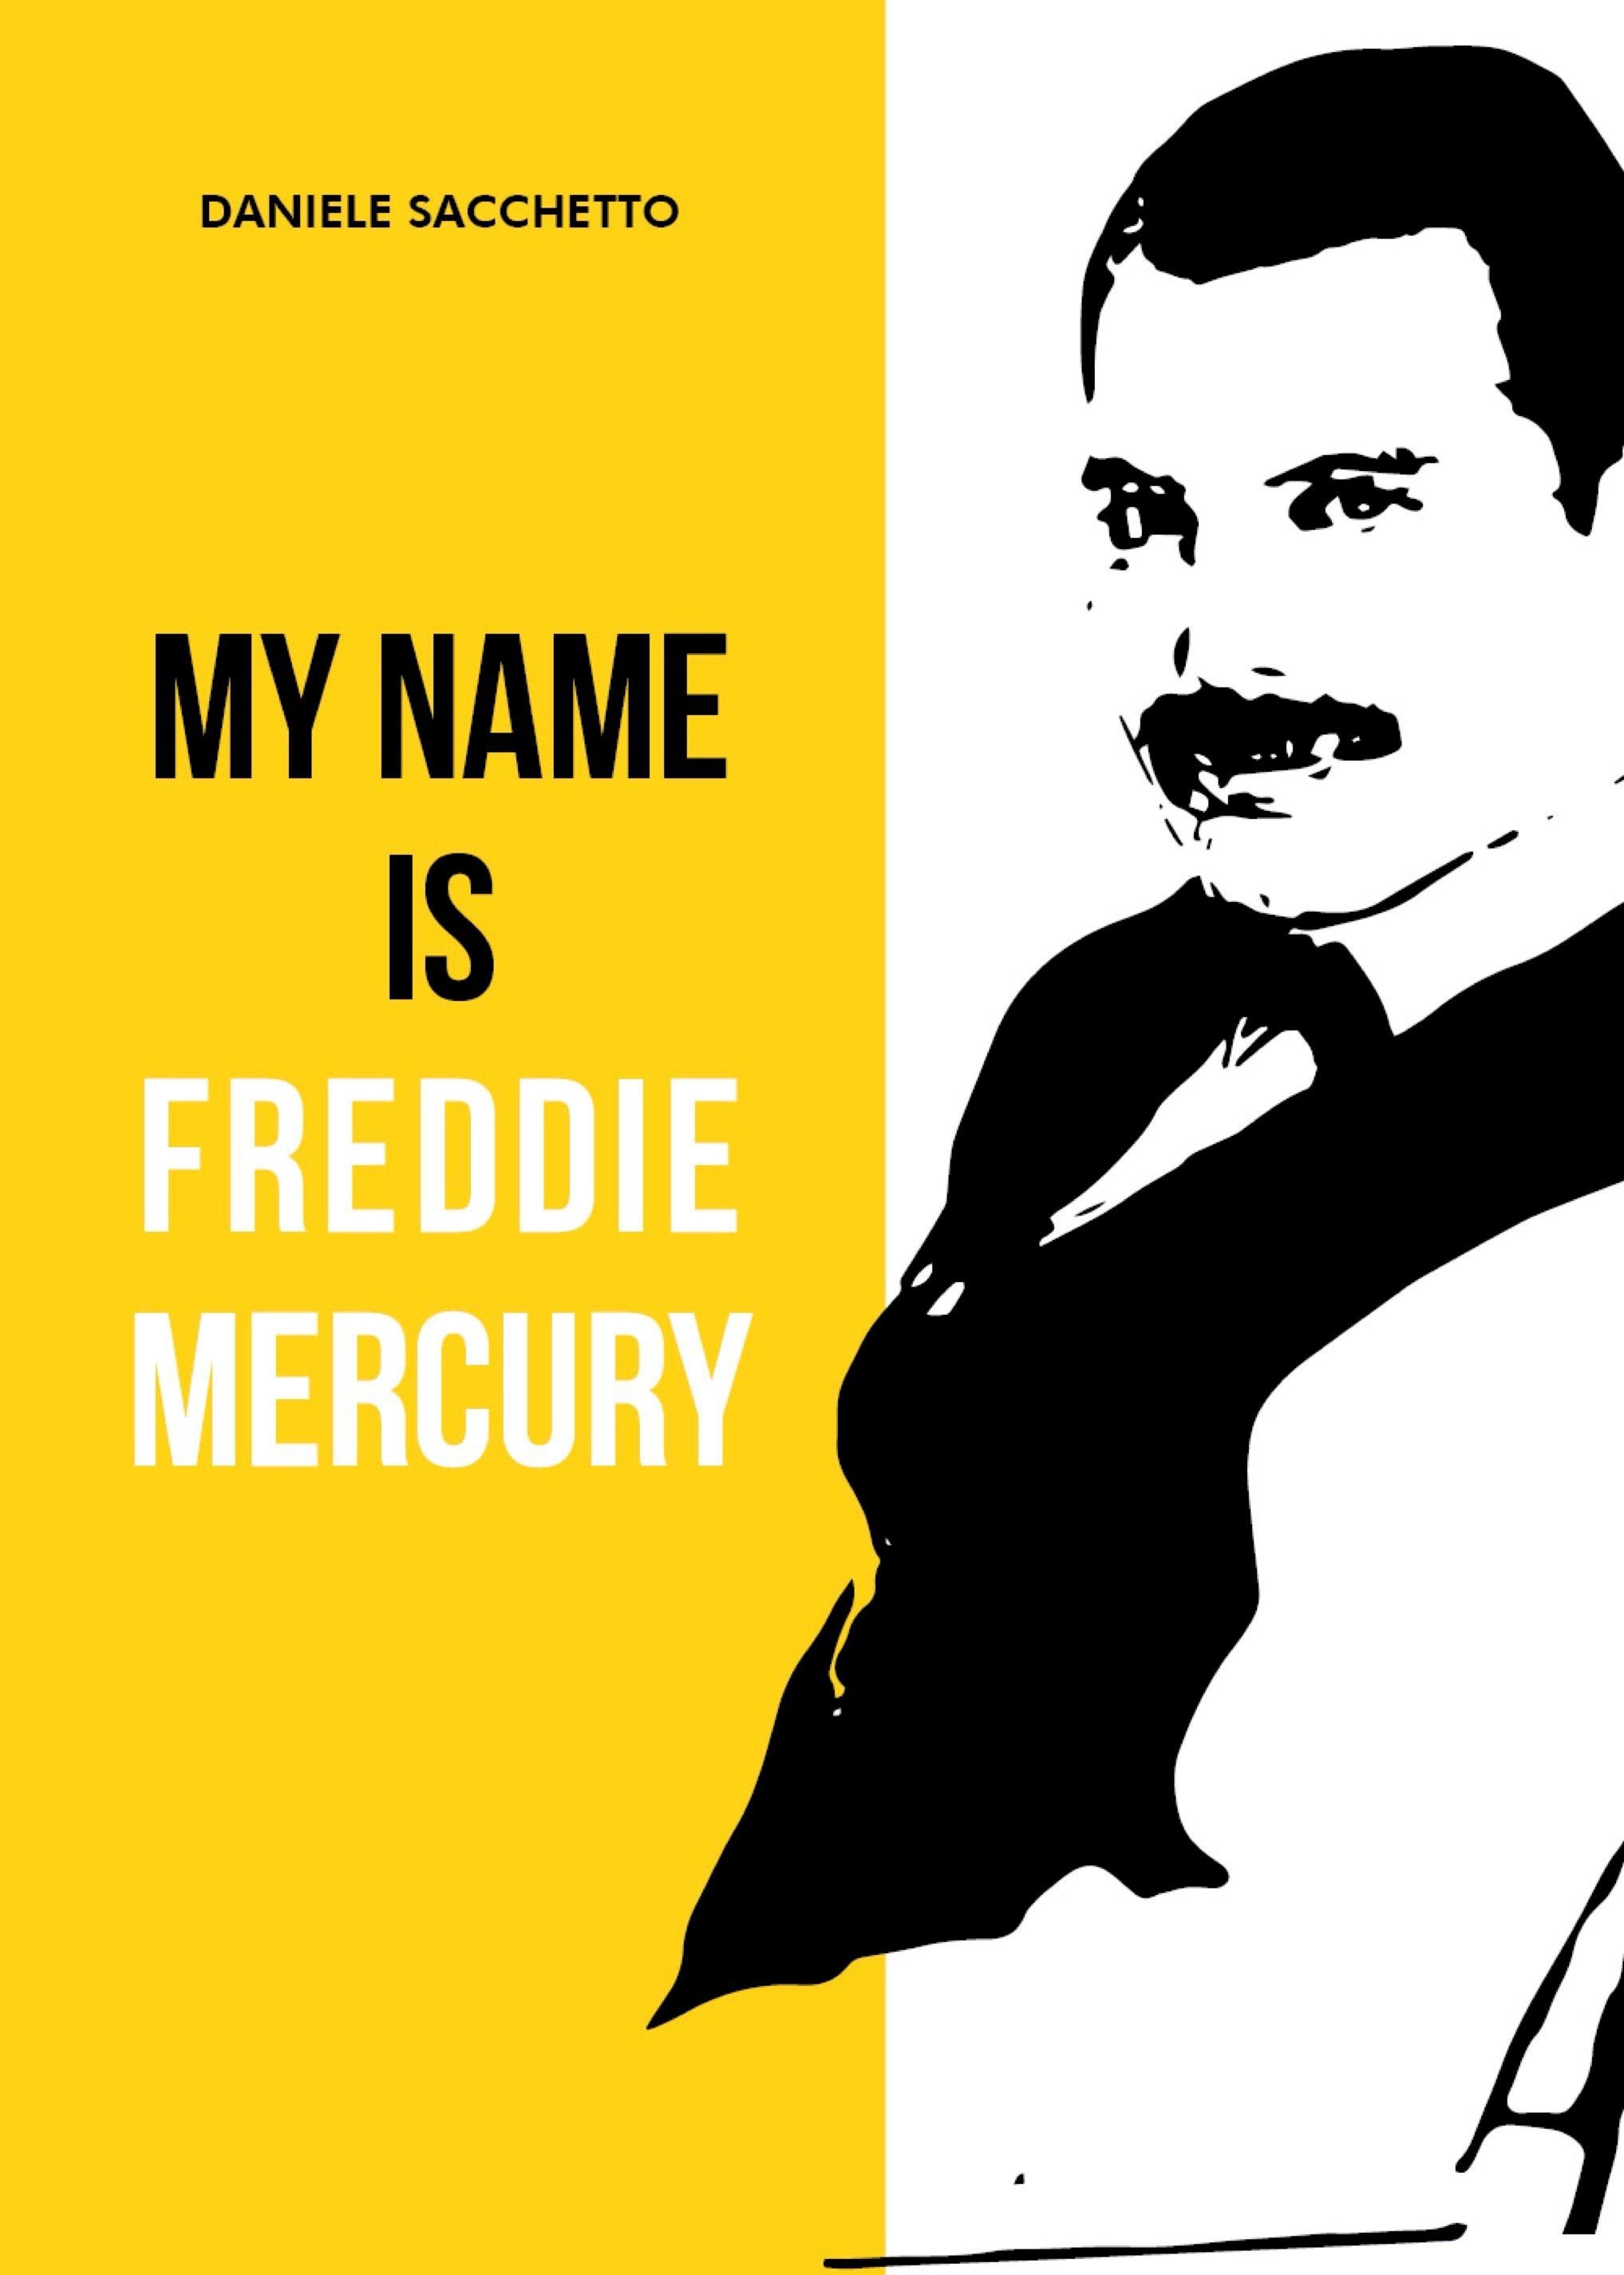 My name is Freddie Mercury